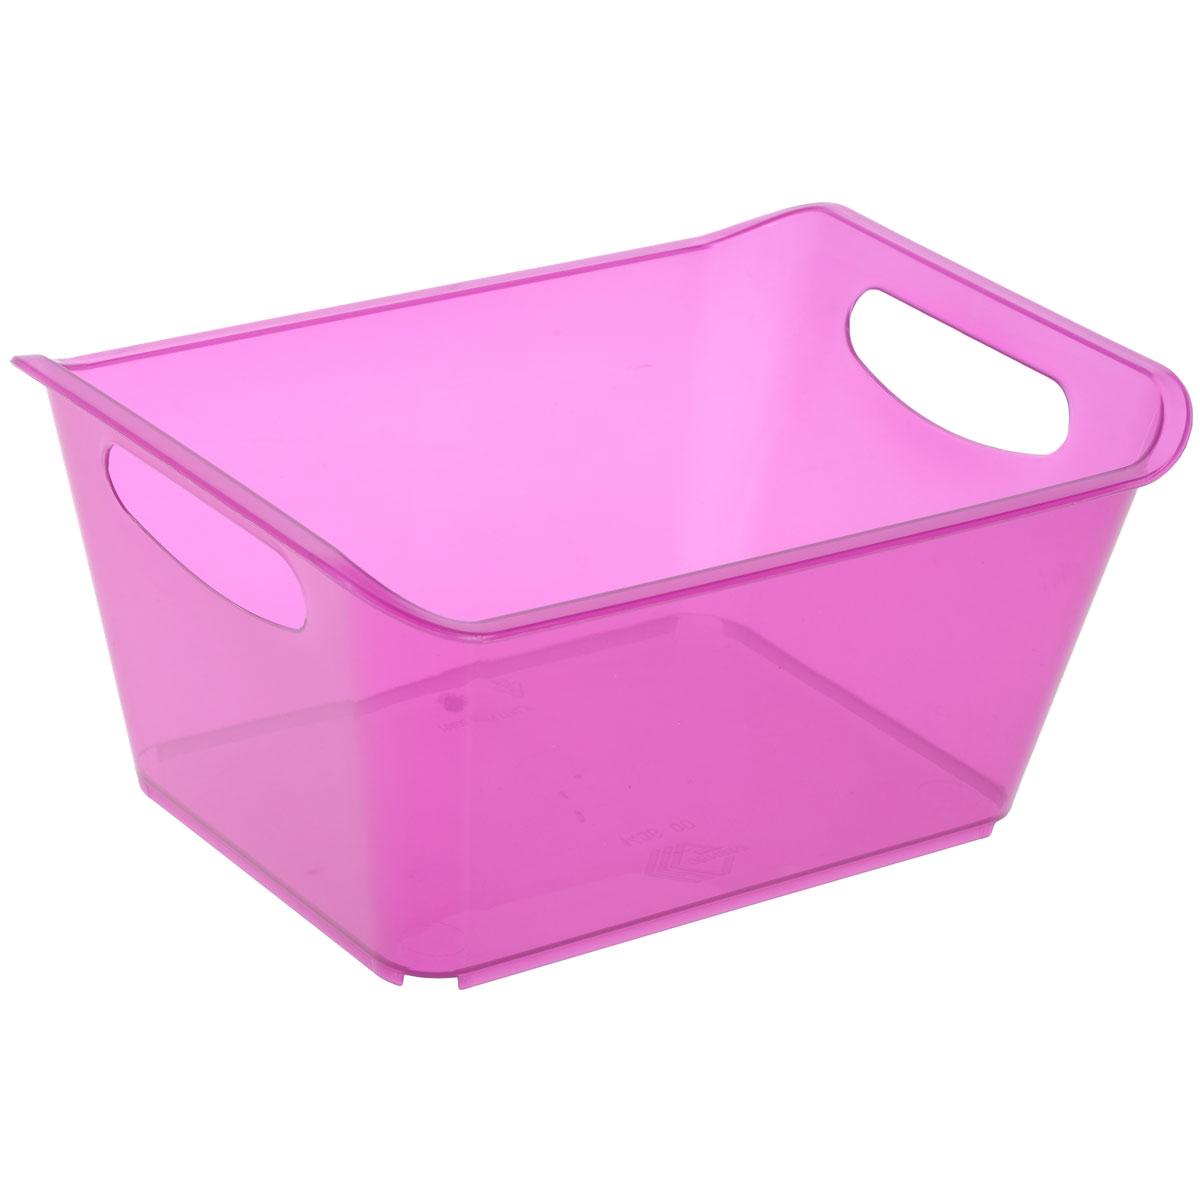 Контейнер Gensini, цвет: сиреневый, 5 л3331Контейнер Gensini выполнен из прочного пластика. Он предназначен для хранения различных мелких вещей в ванной, на кухне, даче или гараже, исключая возможность их потери. По бокам контейнера предусмотрены две удобные ручки для его переноски.Контейнер поможет хранить все в одном месте, а также защитить вещи от пыли, грязи и влаги. Объем: 5 л.